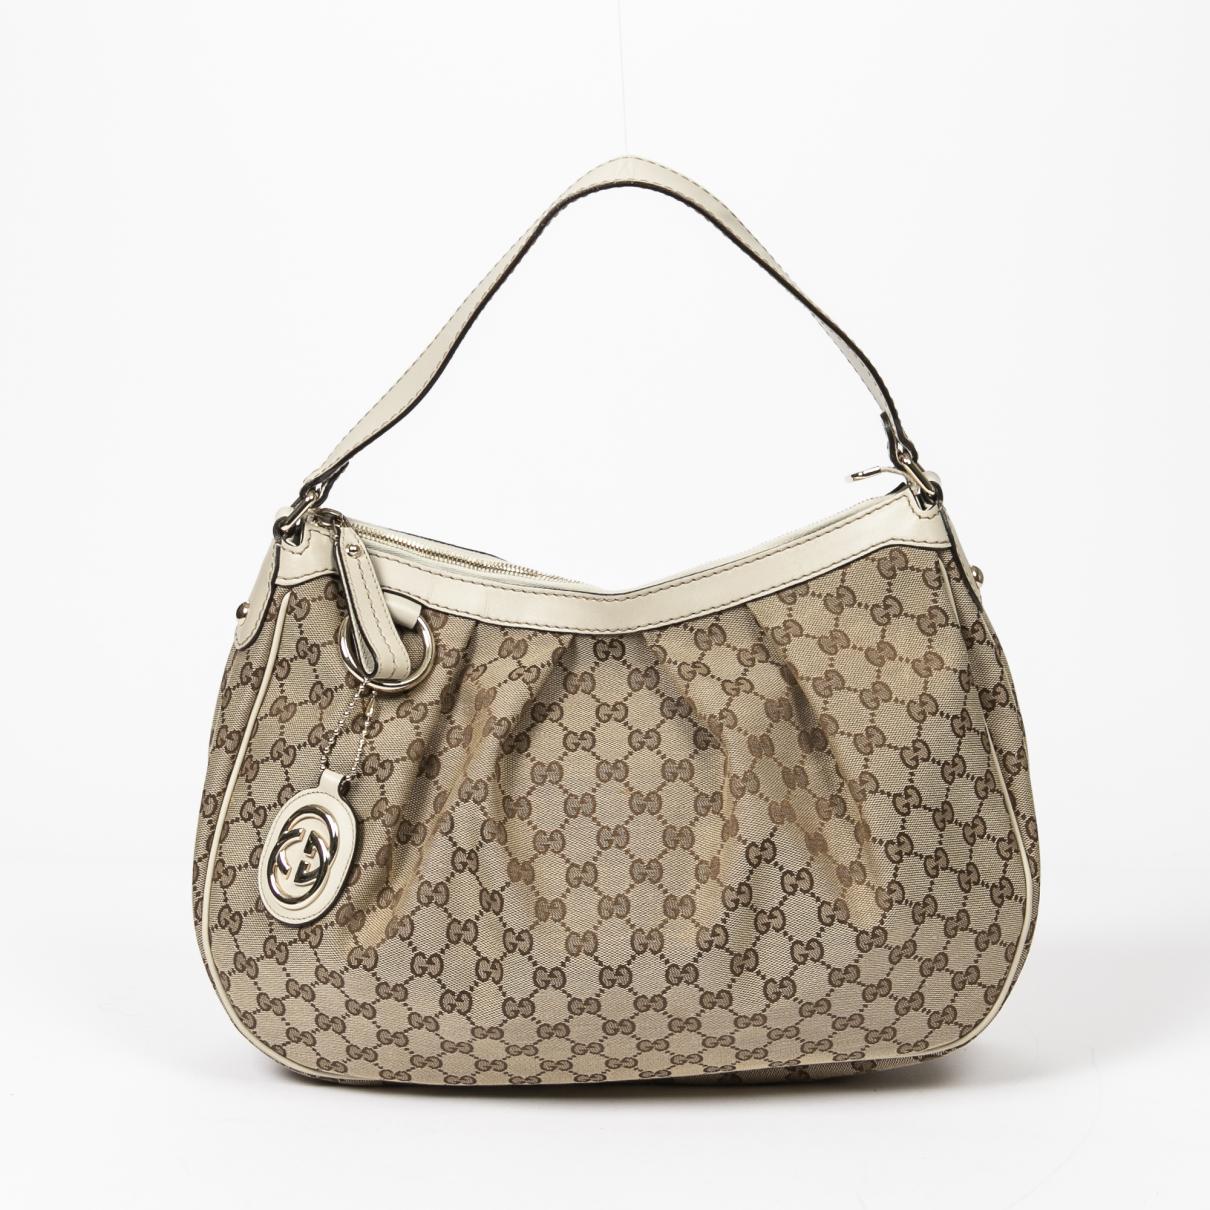 Gucci - Sac a main Sukey pour femme en coton - beige